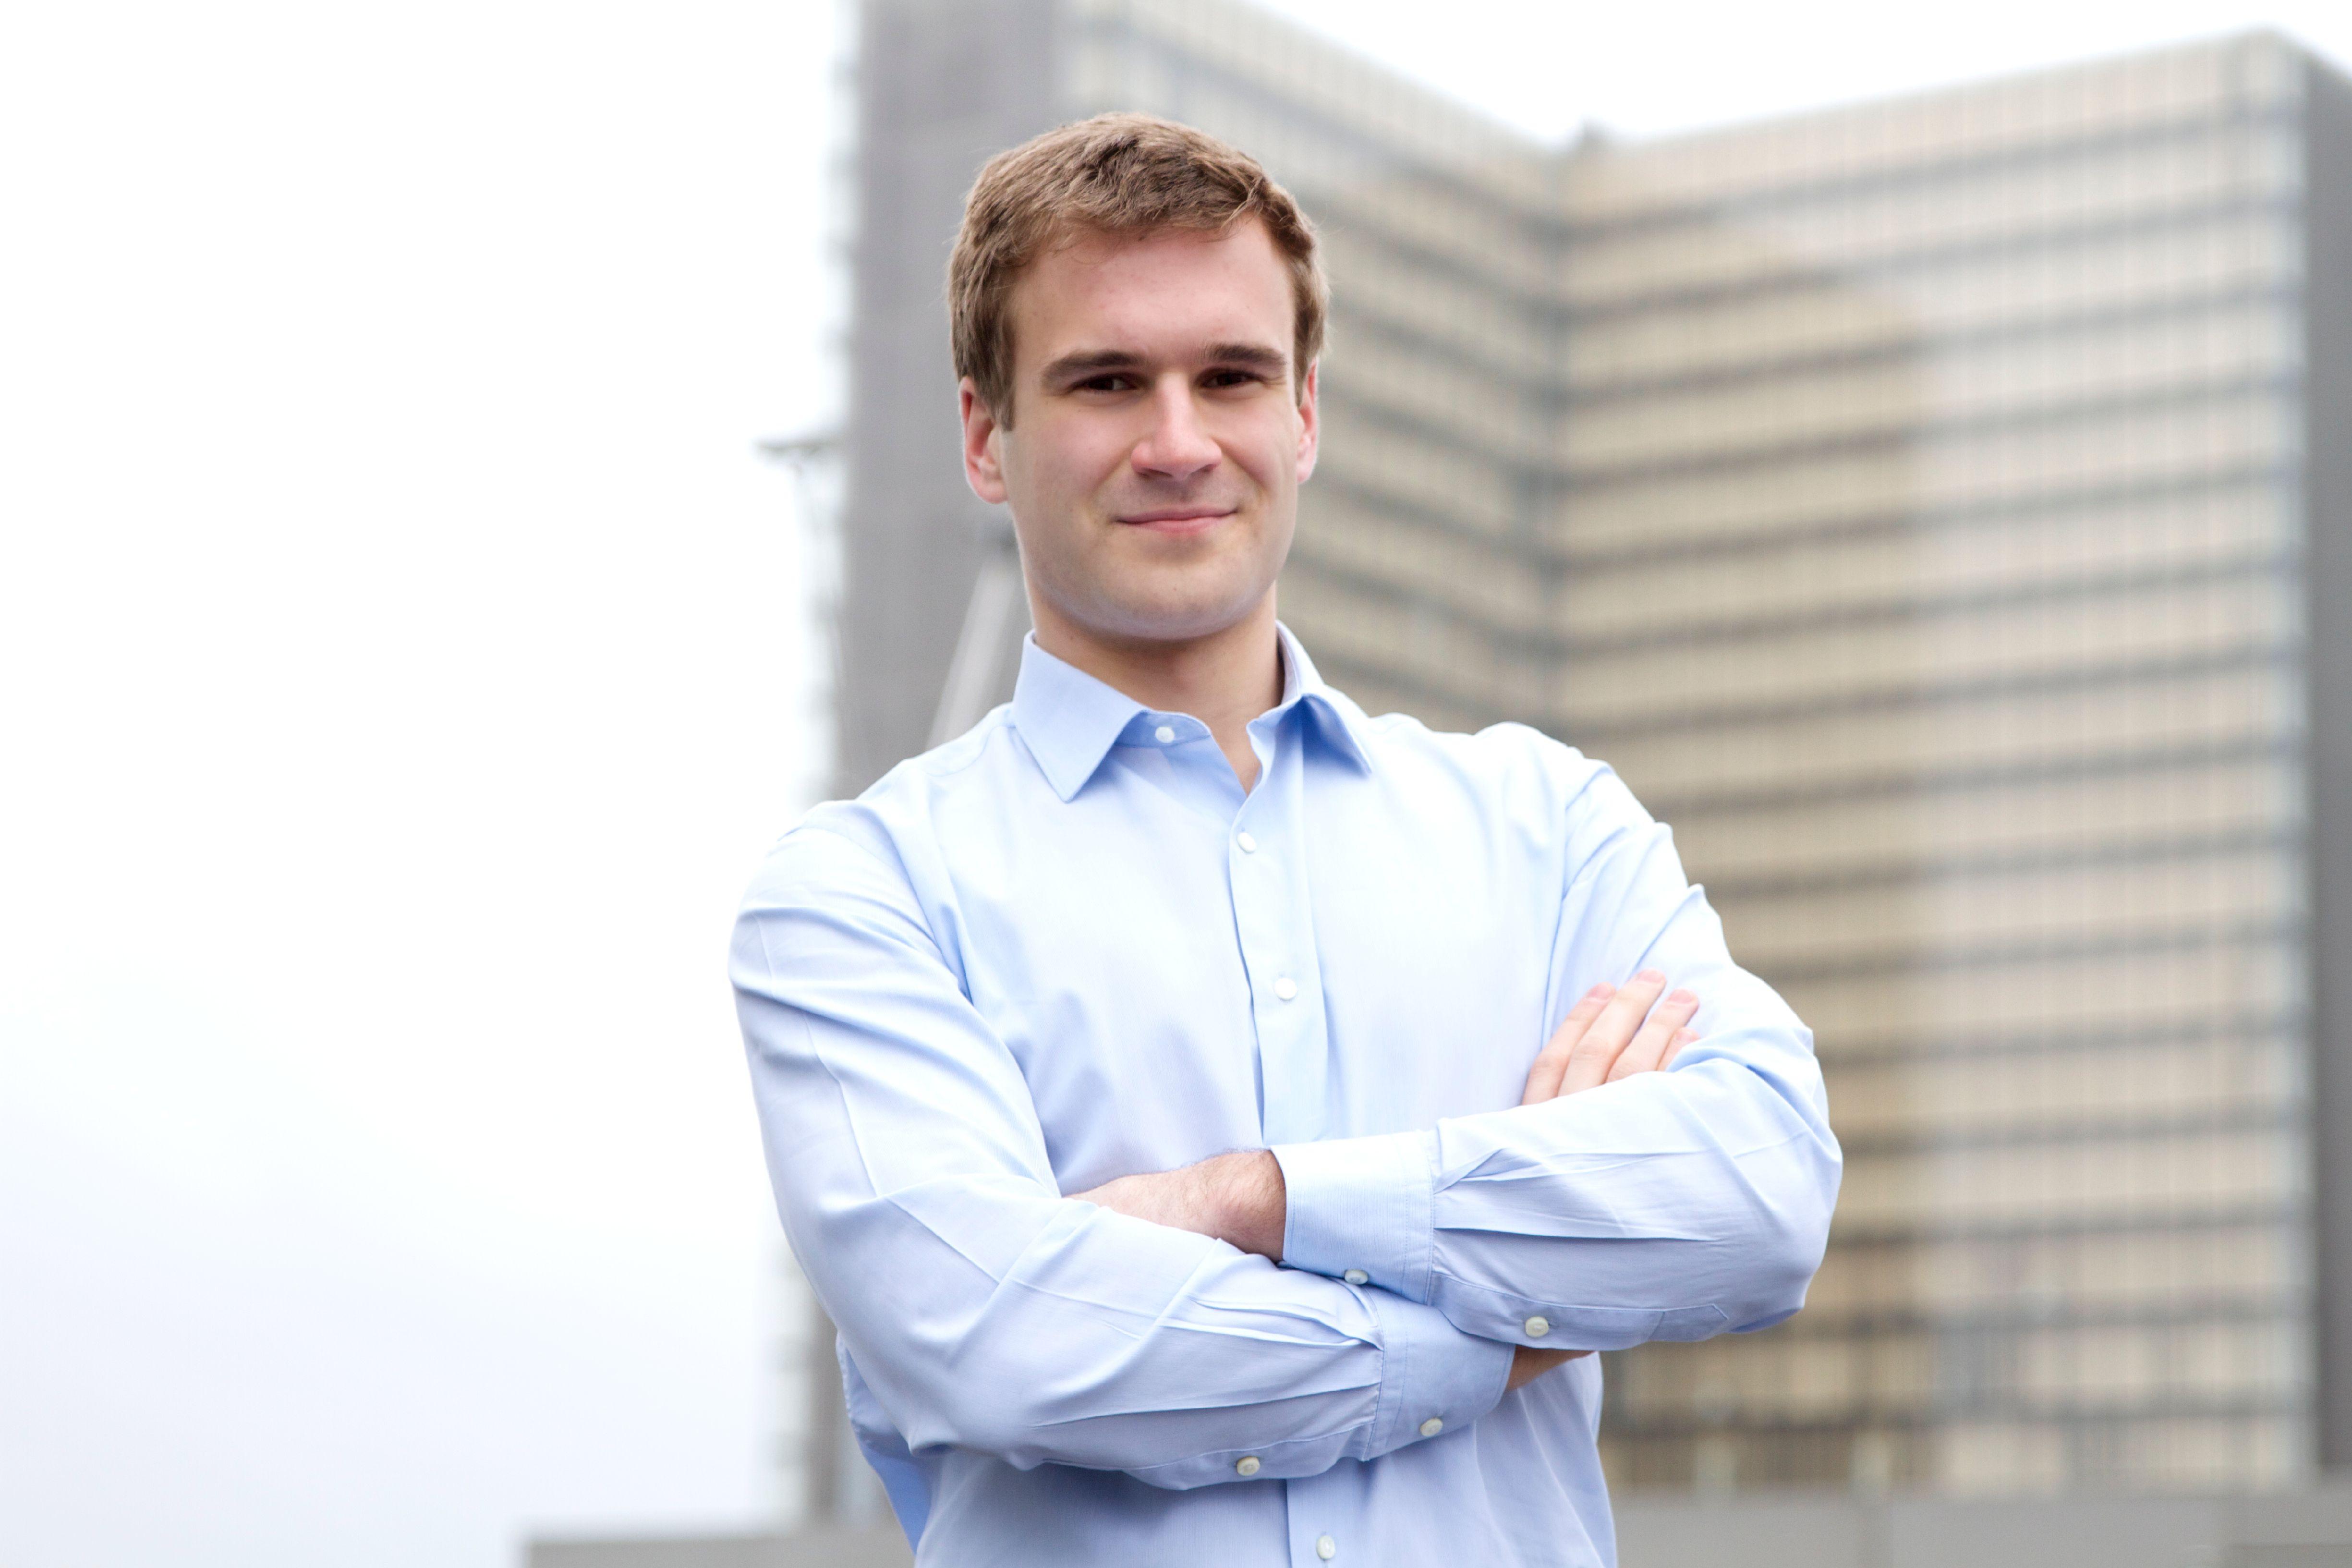 Antoine Baschiera fait profiter aux start-up des ingénieurs-conseil en stratégie grâce au concours GagnerDesIngénieurs.fr